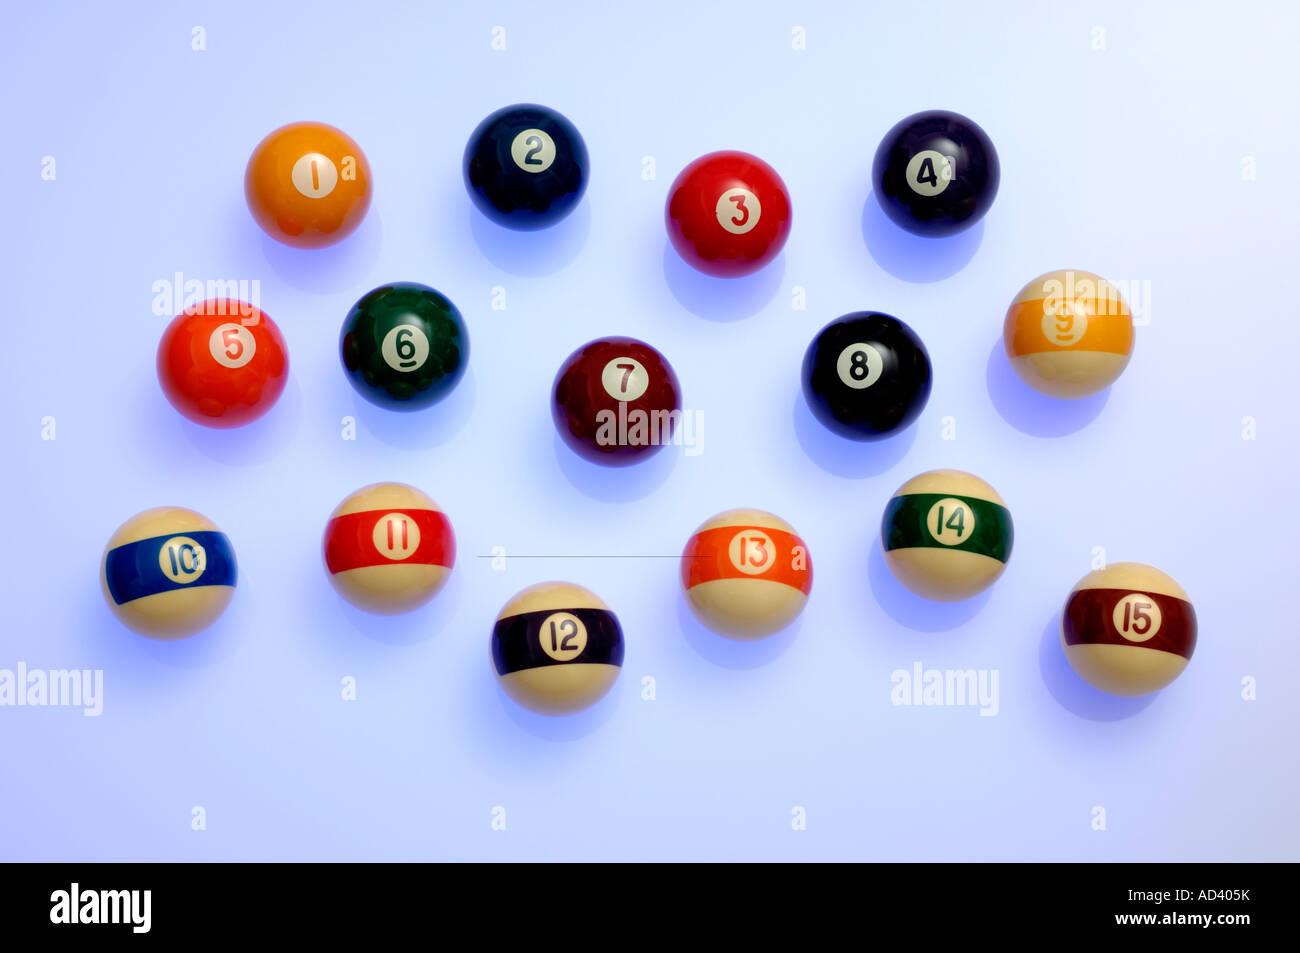 Bolas de Billar numeradas del uno al quince Imagen De Stock